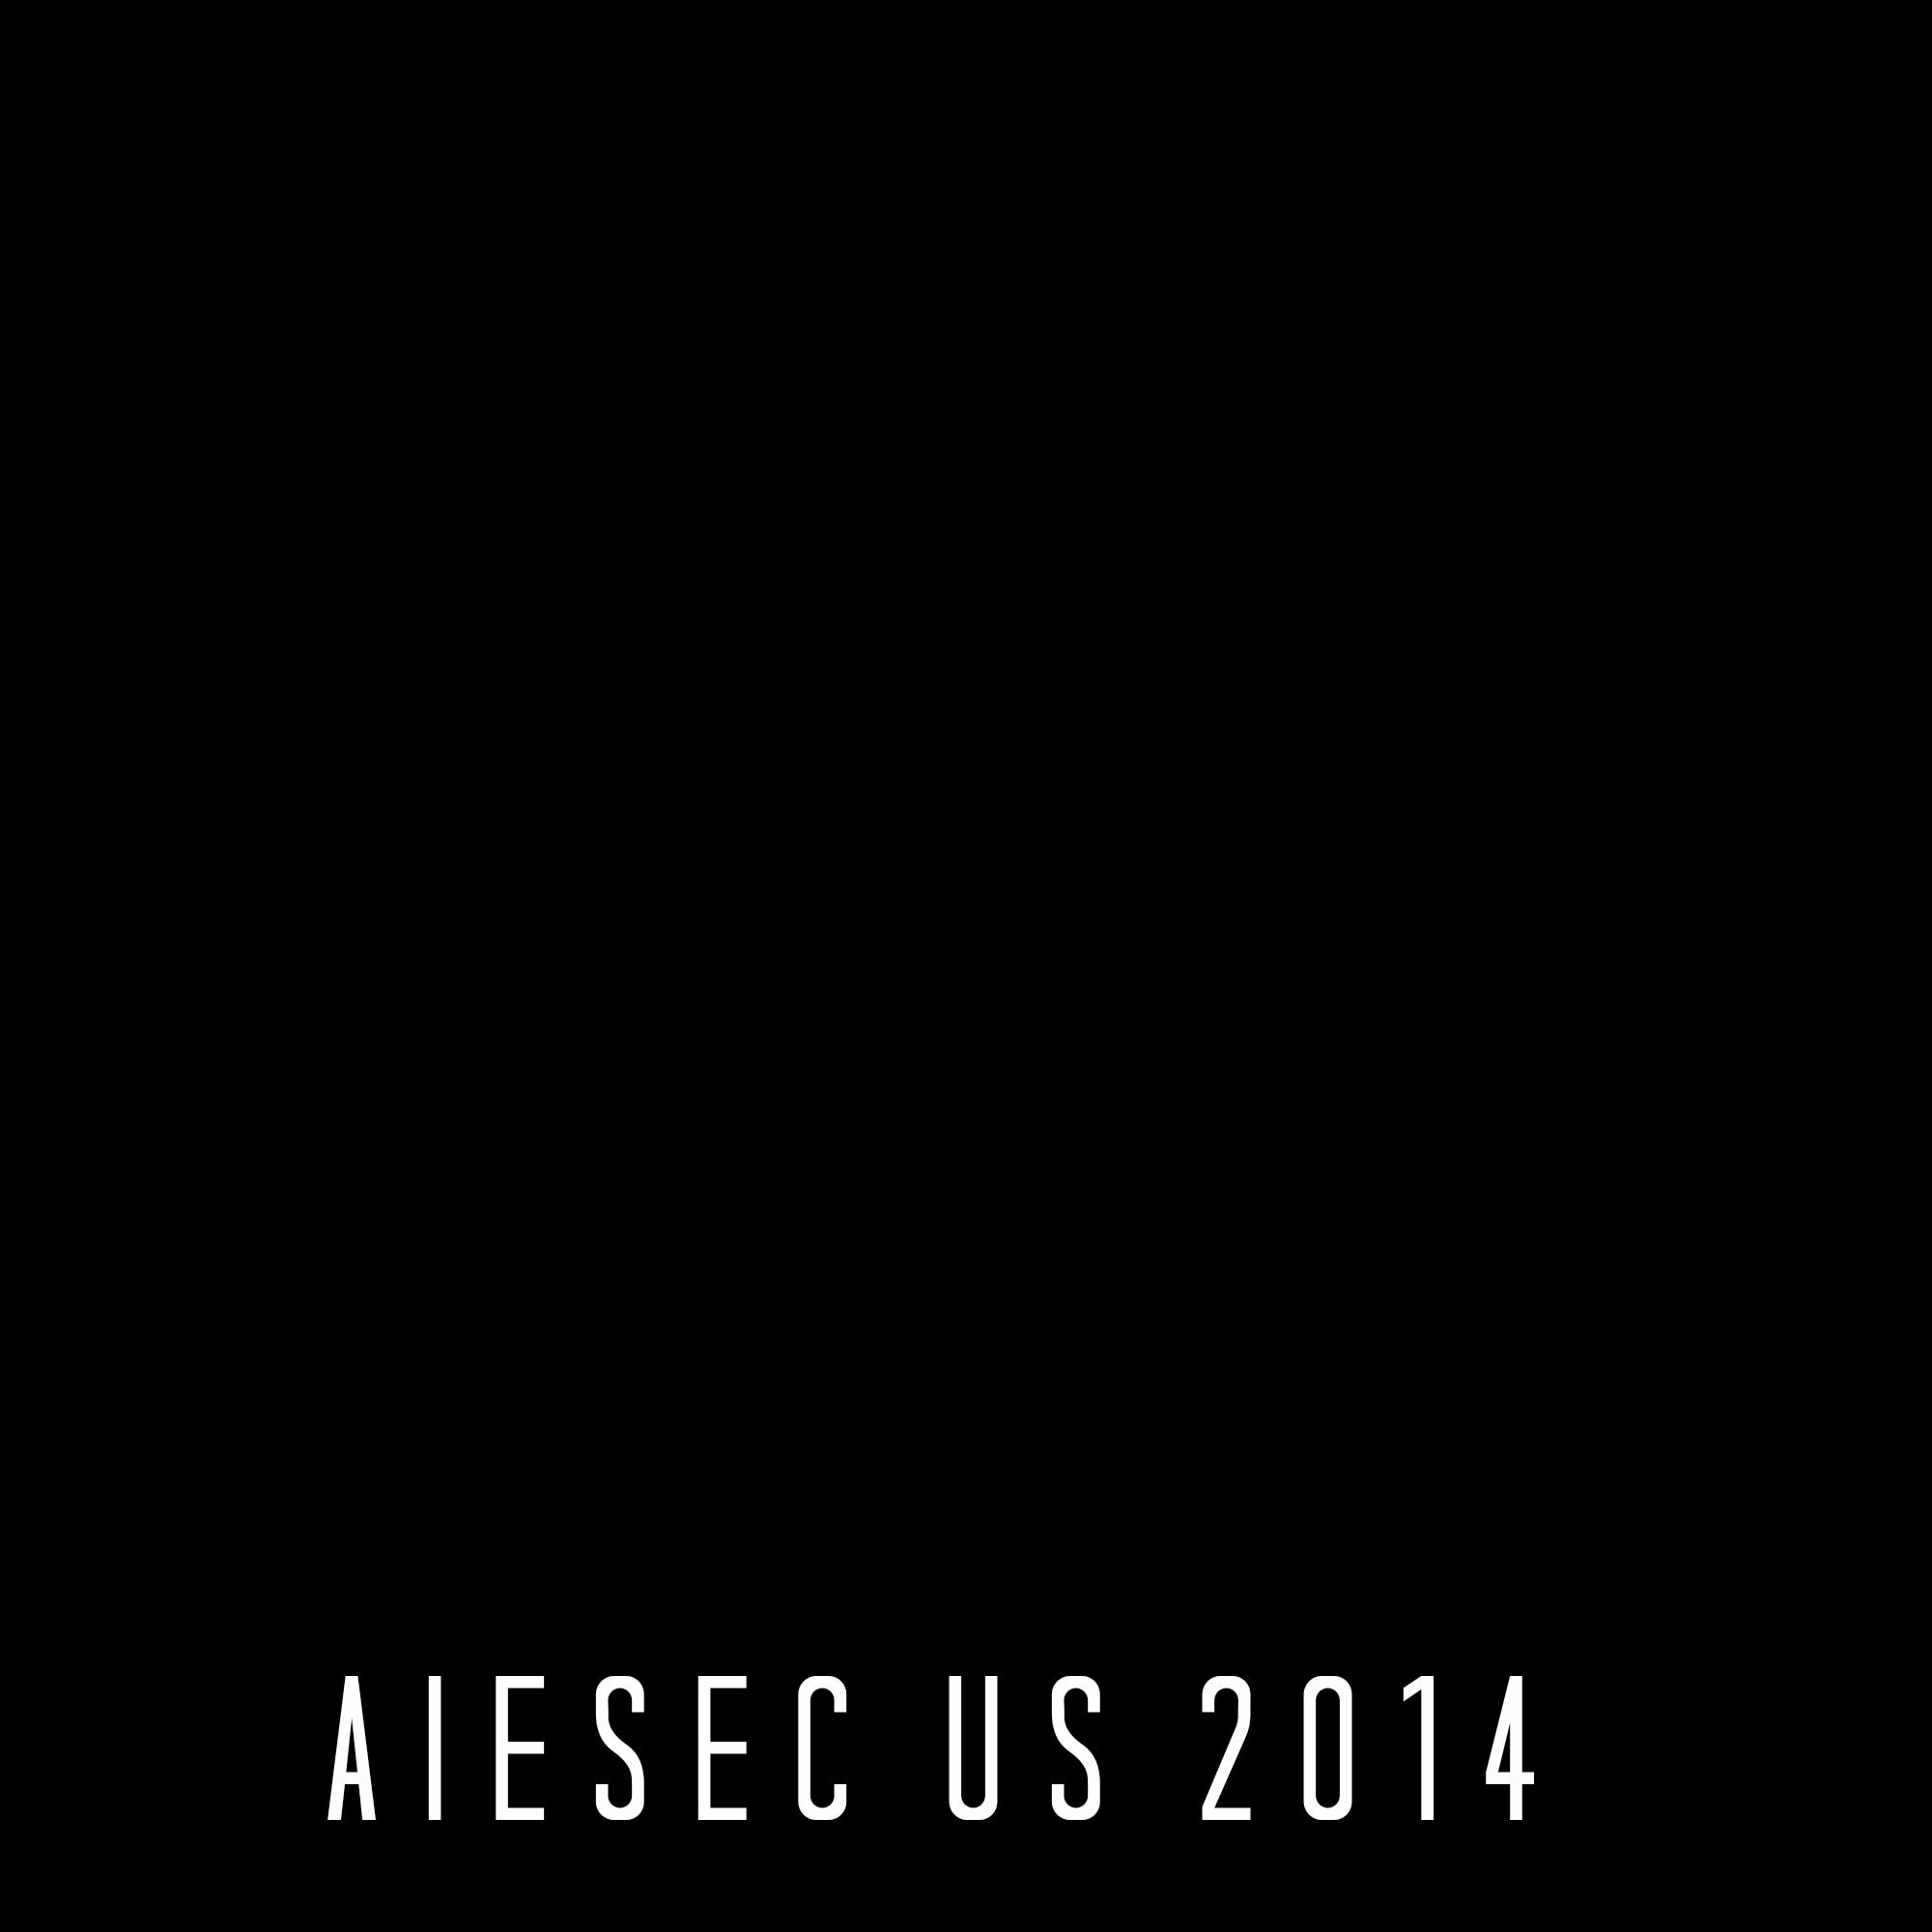 @AIESECUSSNC14